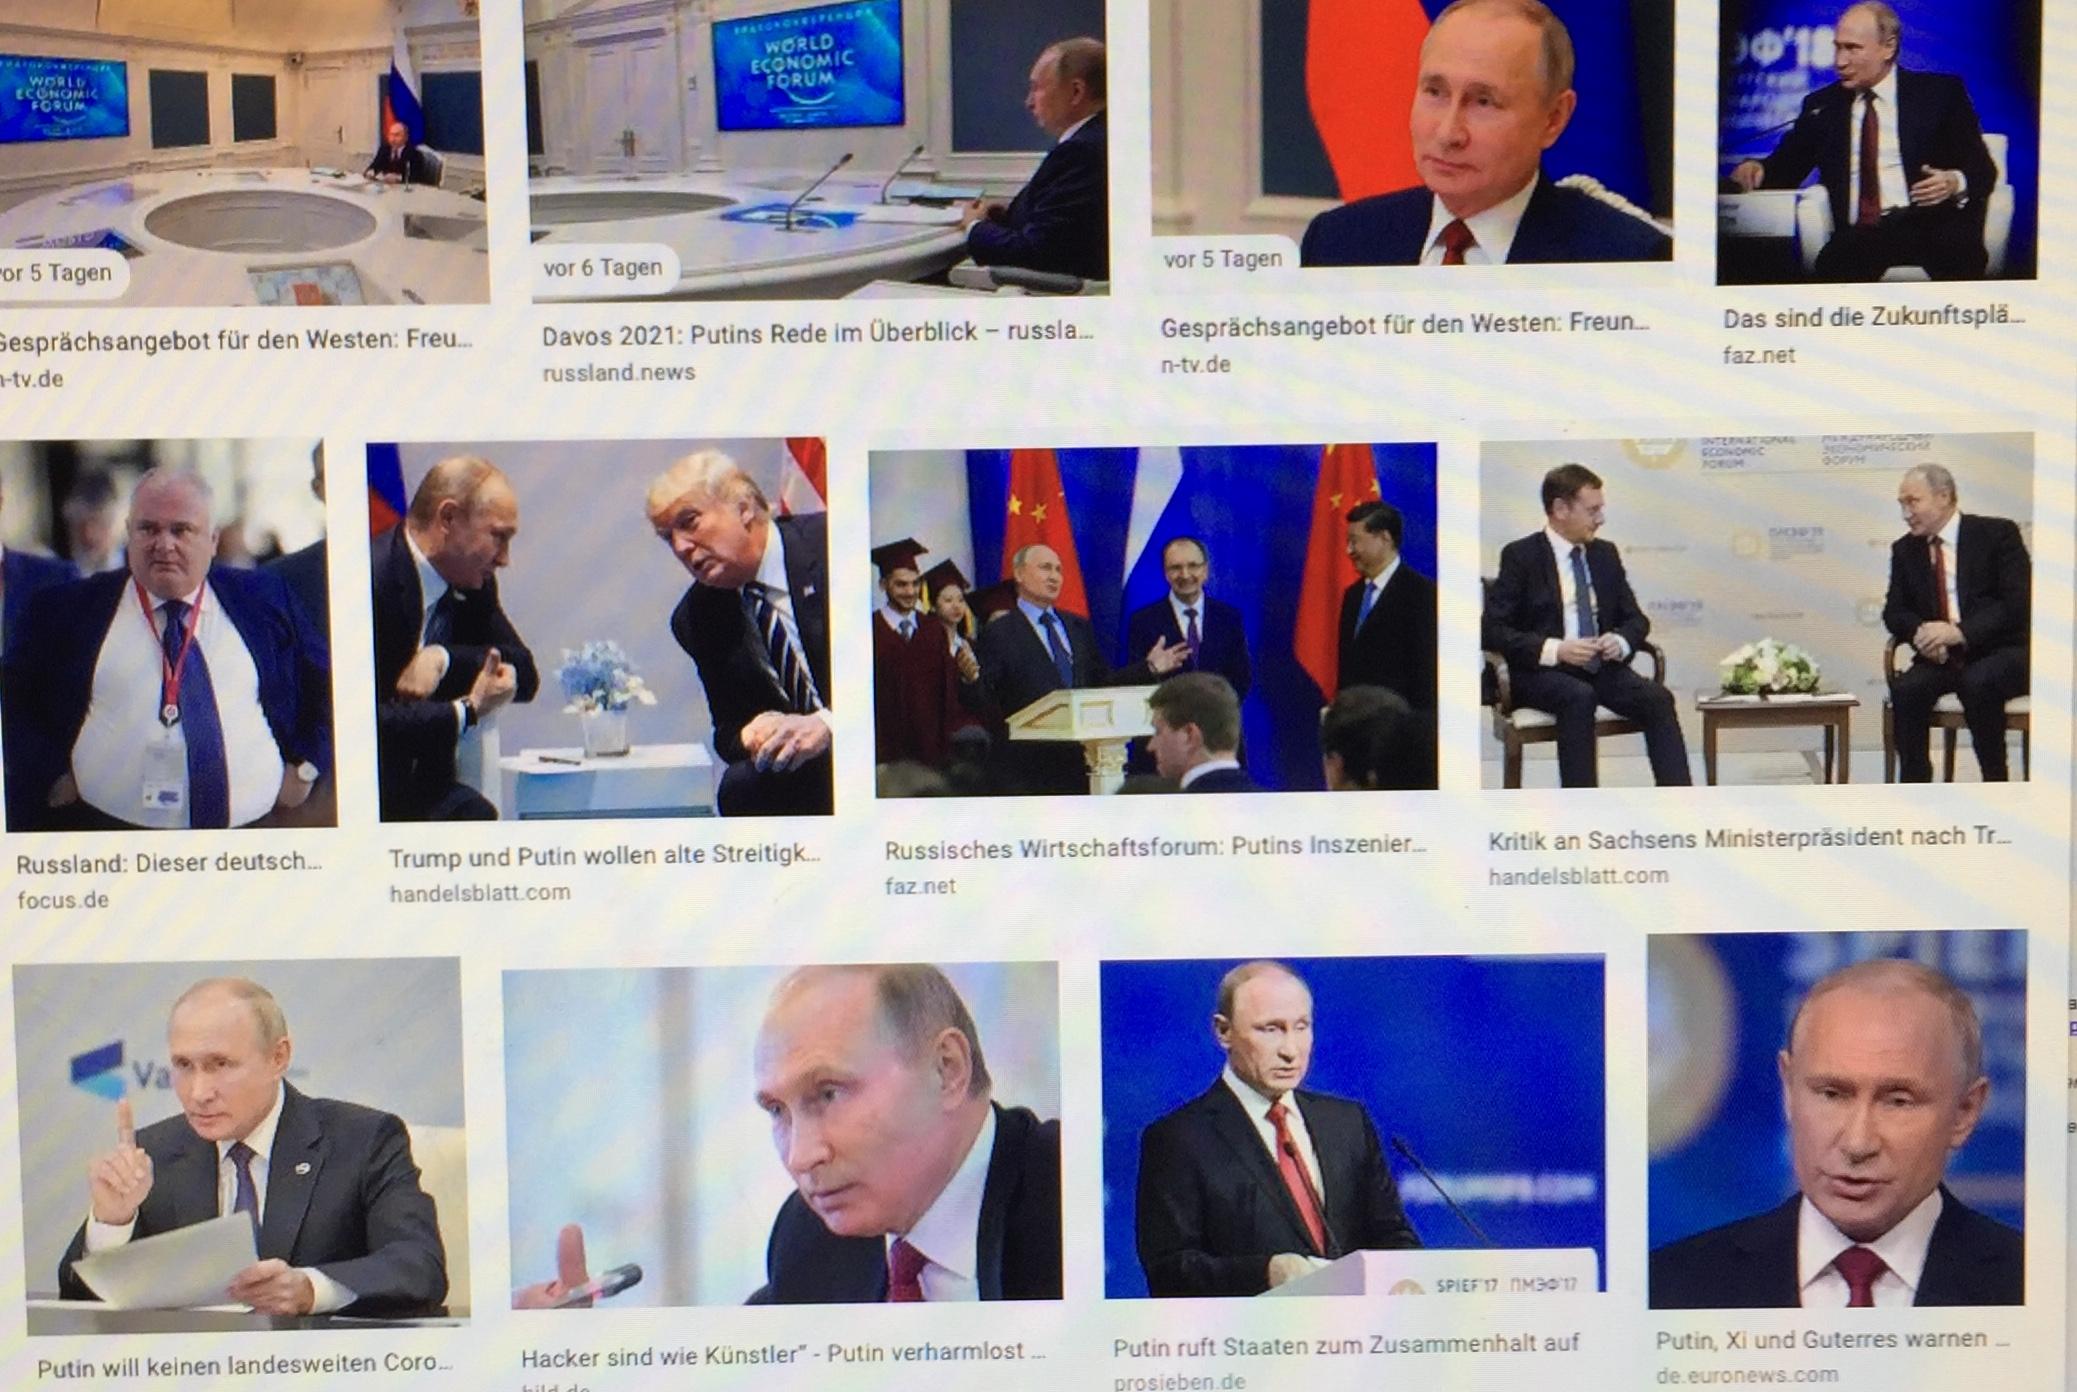 """""""Russland war immer und ist auch heute bereit, einen ehrlichen Dialog mit Europa in Sachen Wirtschaftsbeziehungen zu führen, und wird sich darum bemühen"""", betonte der russische Präsident Wladimir Putin im Rahmen des Weltwirtschaftsforums am 27. Jänner 2021. www.progression.at"""